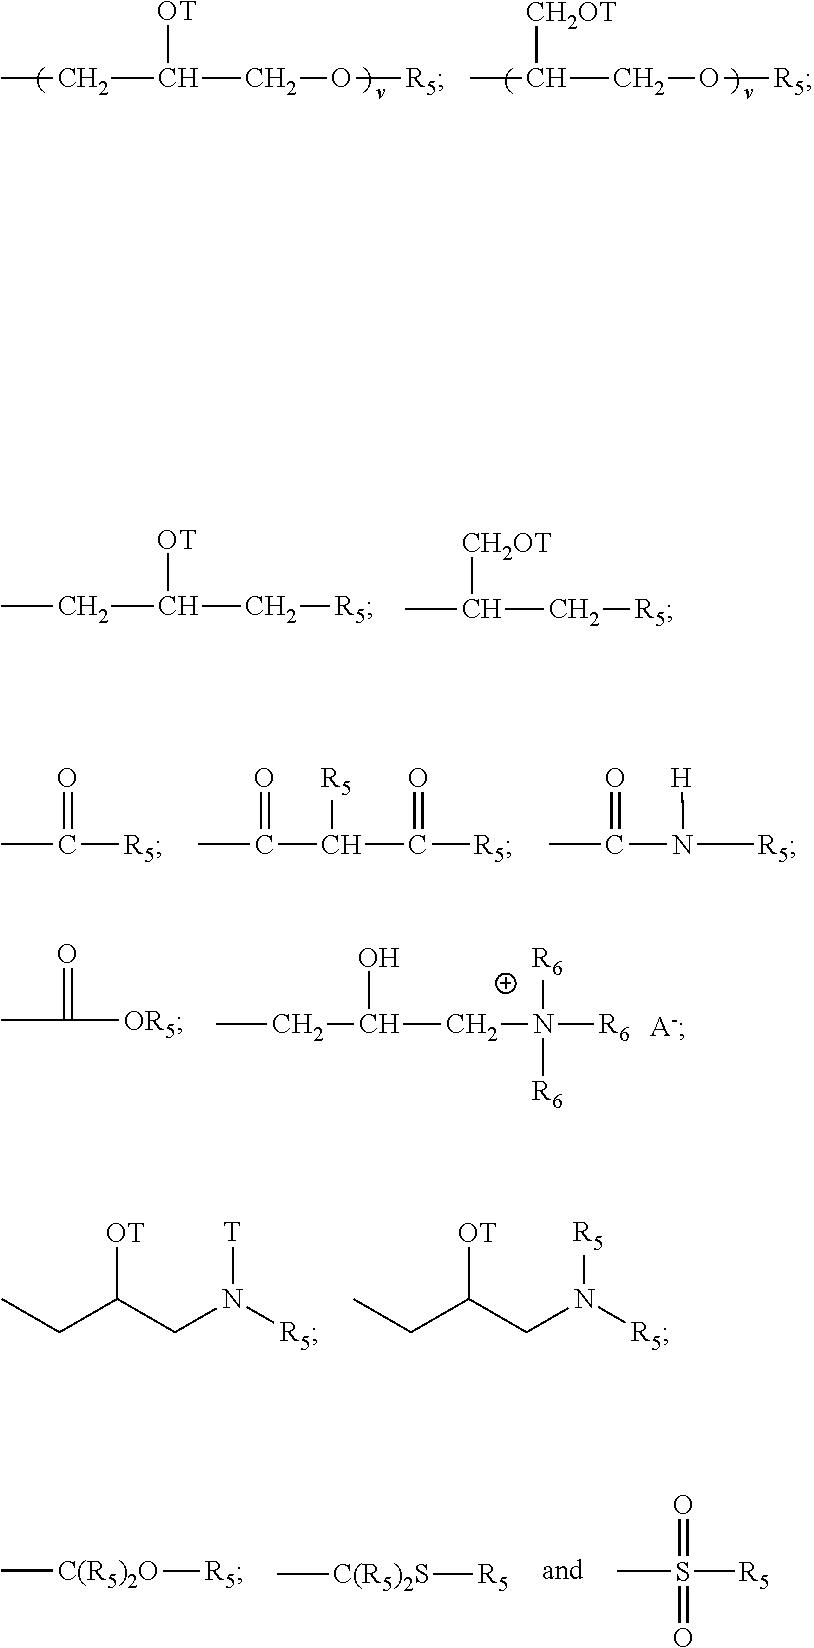 Figure US09714396-20170725-C00015